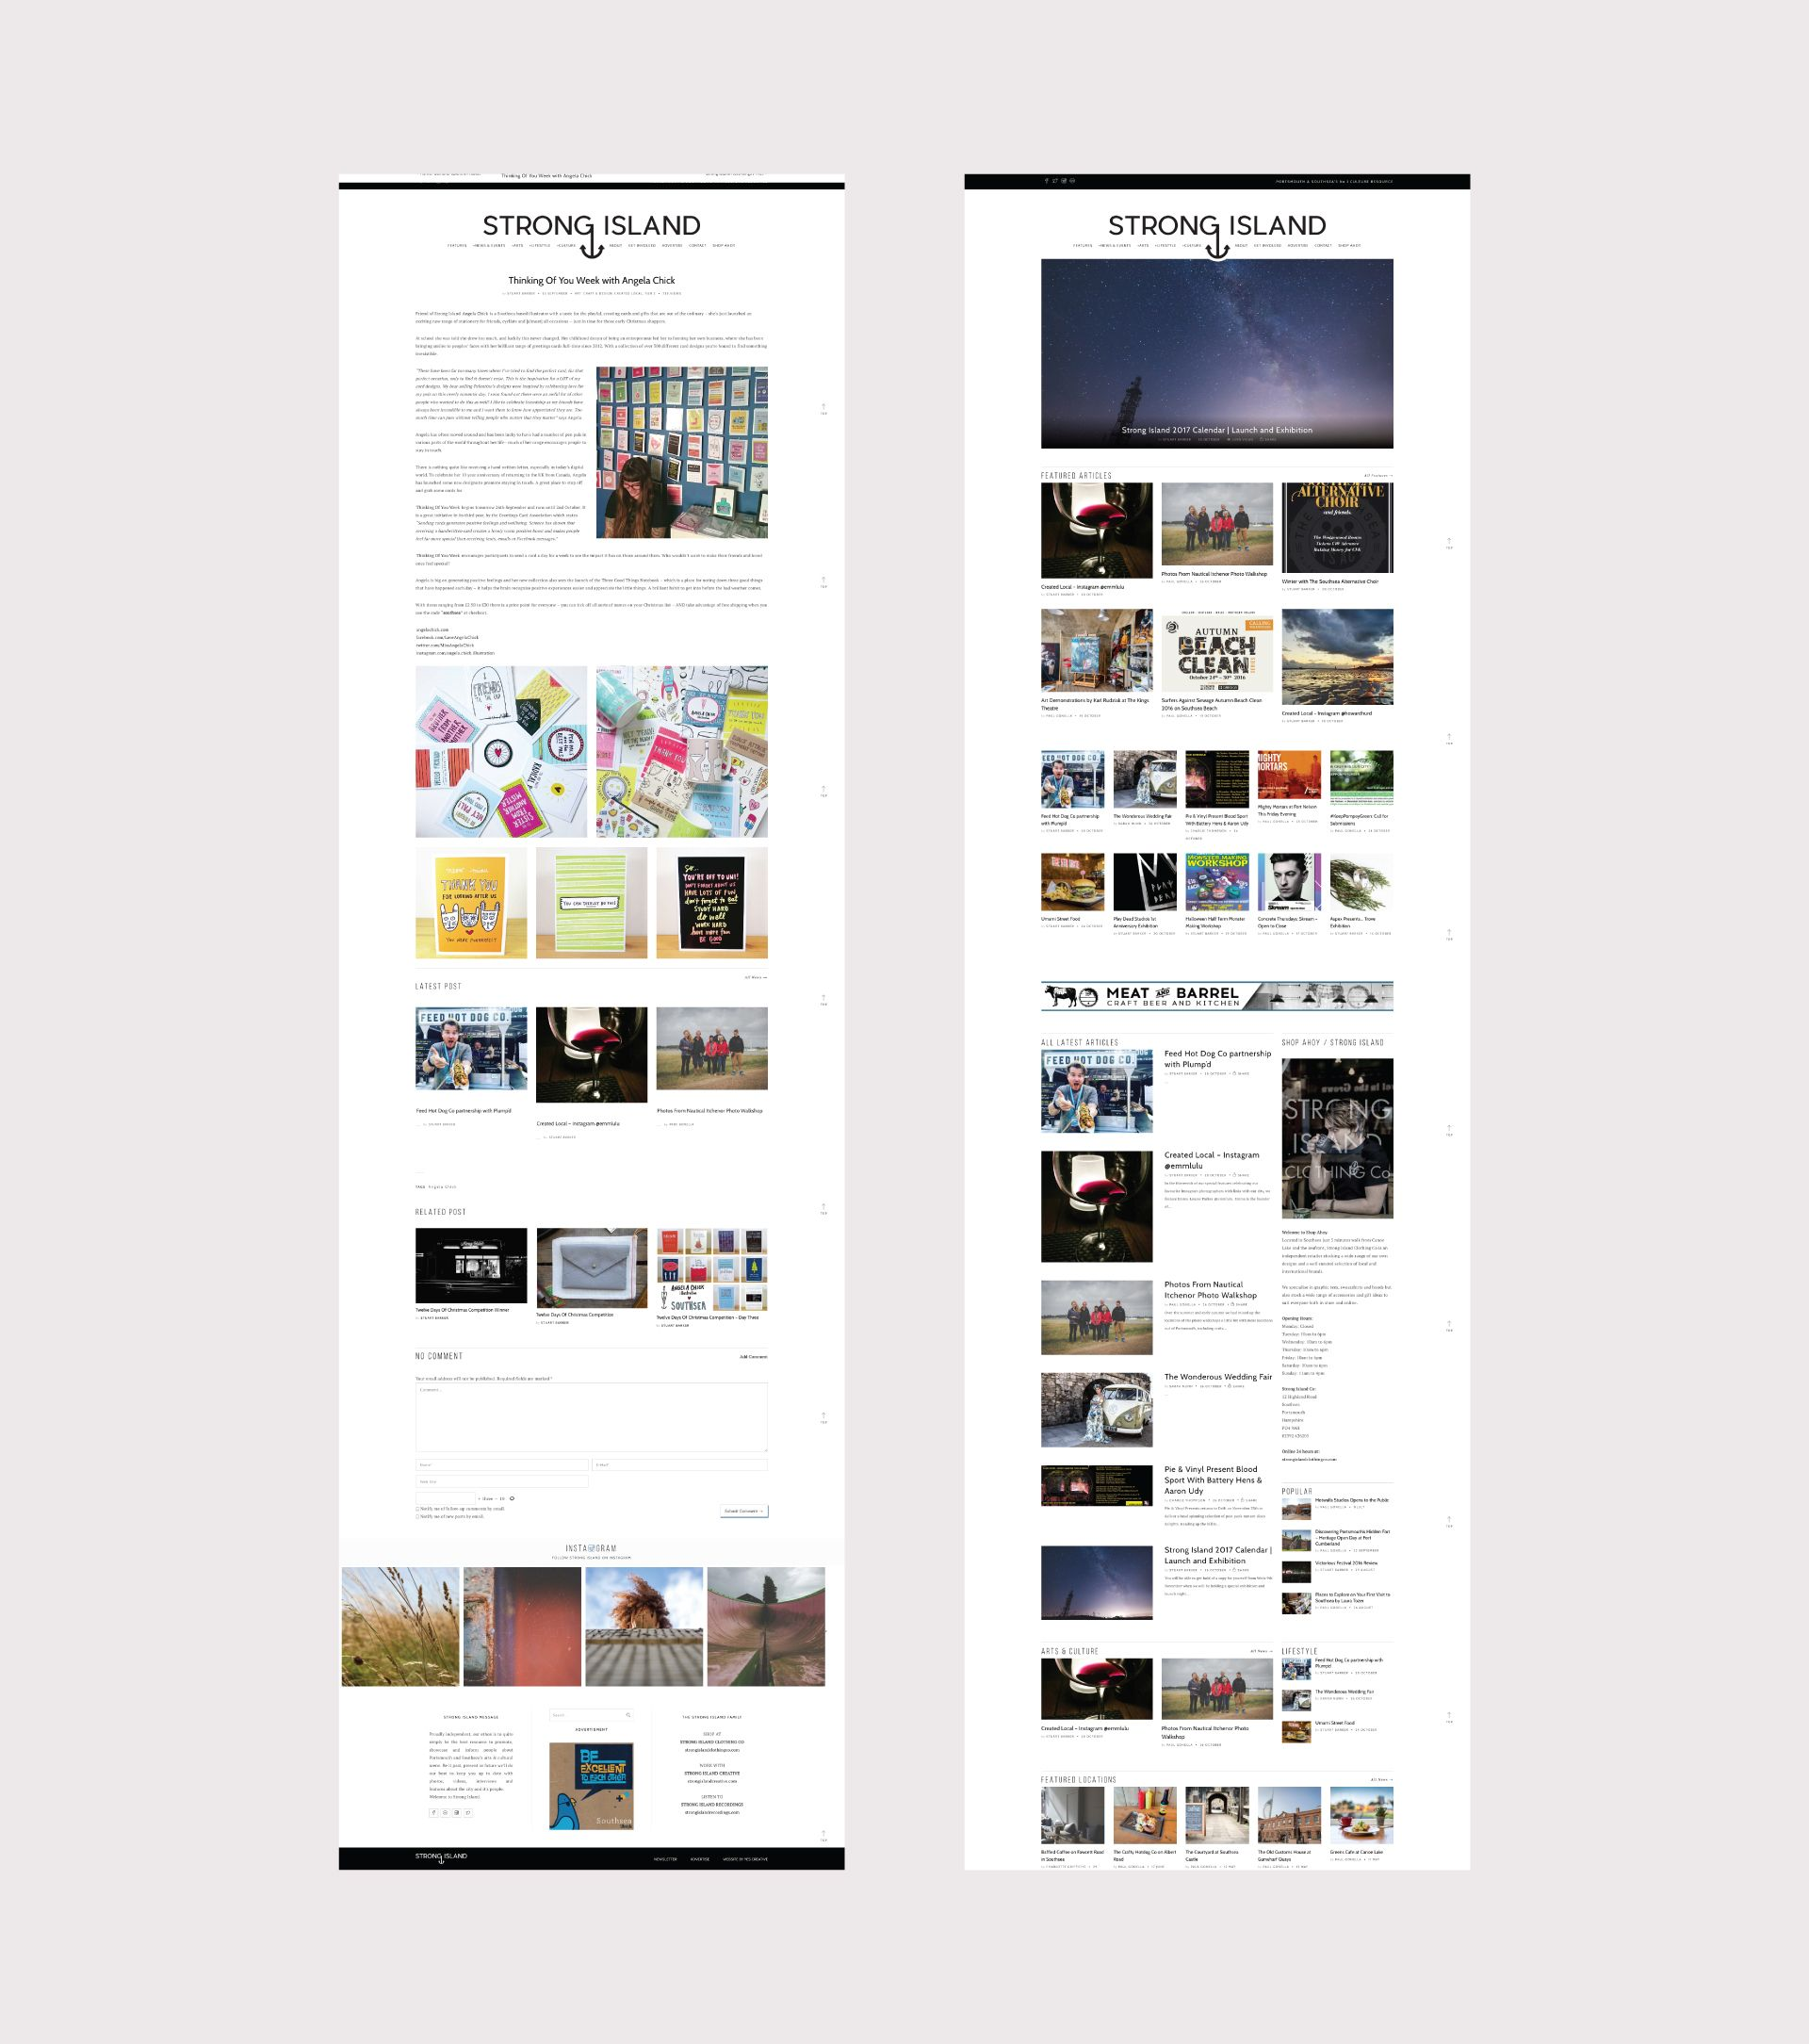 Website Design Blog Design For Strong Island Blog Web Design Innovation Design Website Design